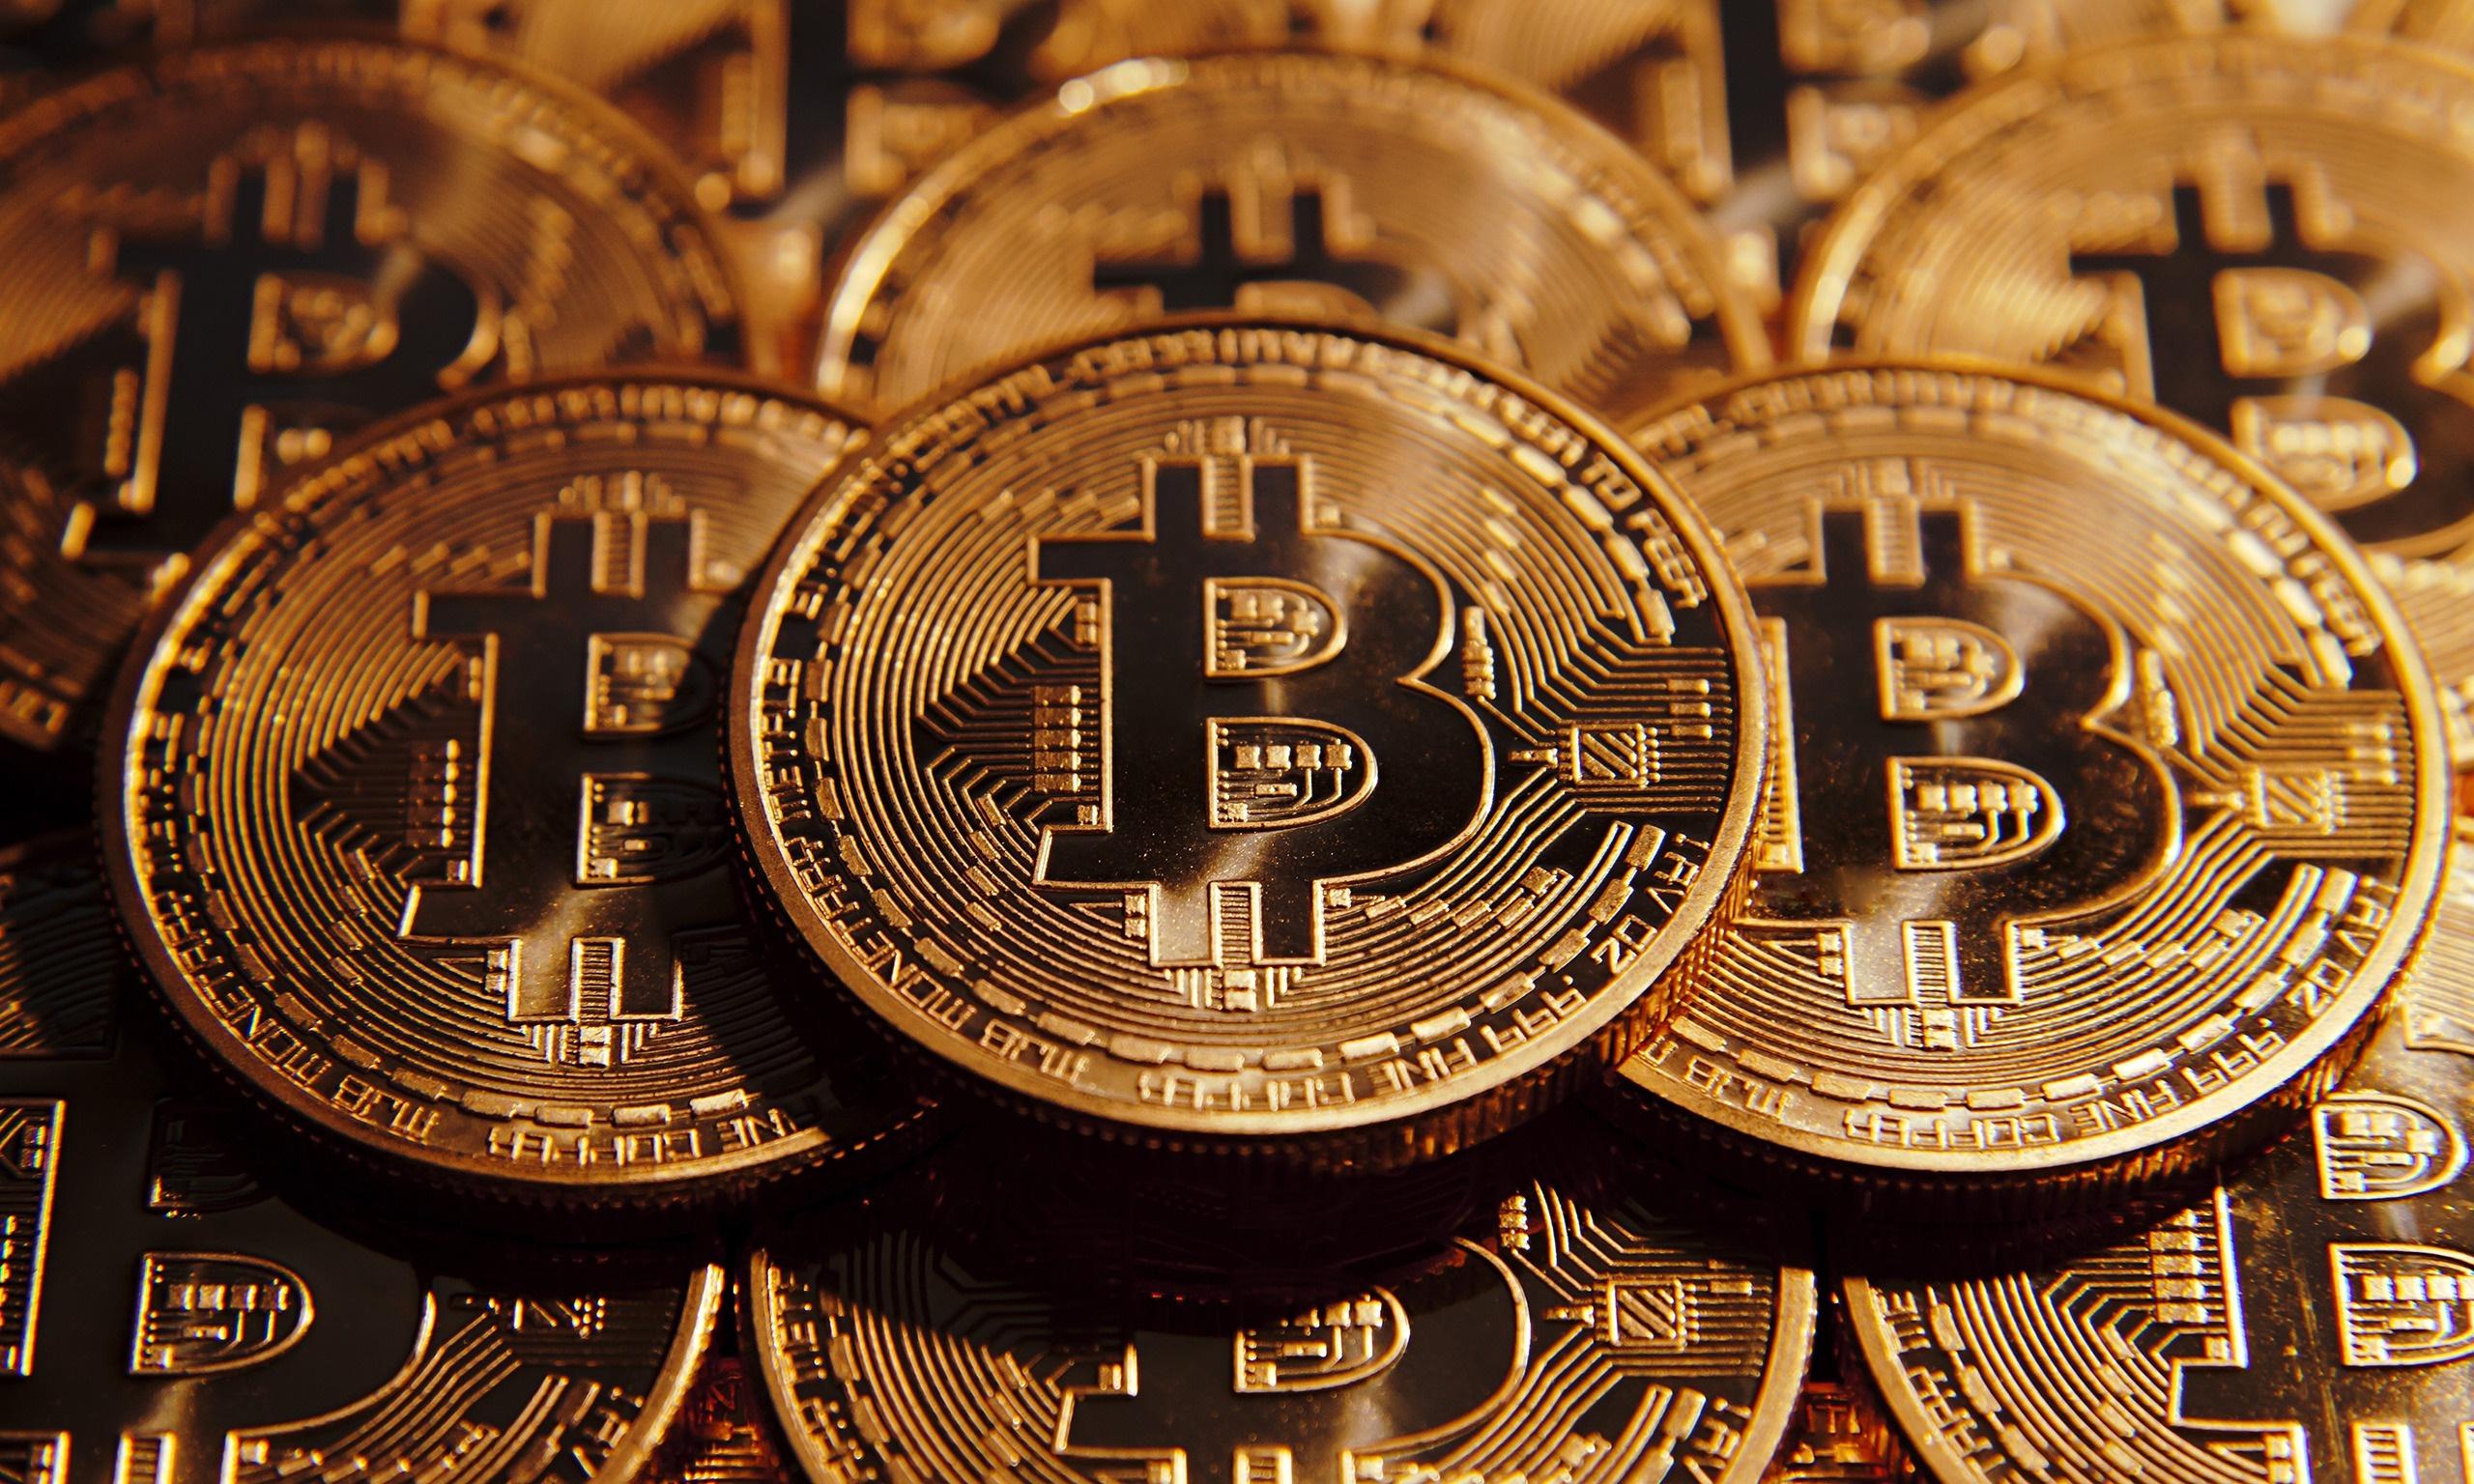 ۴.۵ میلیارد دلار سرمایه در زمستان گذشته وارد بازار ارزهای مجازی شد